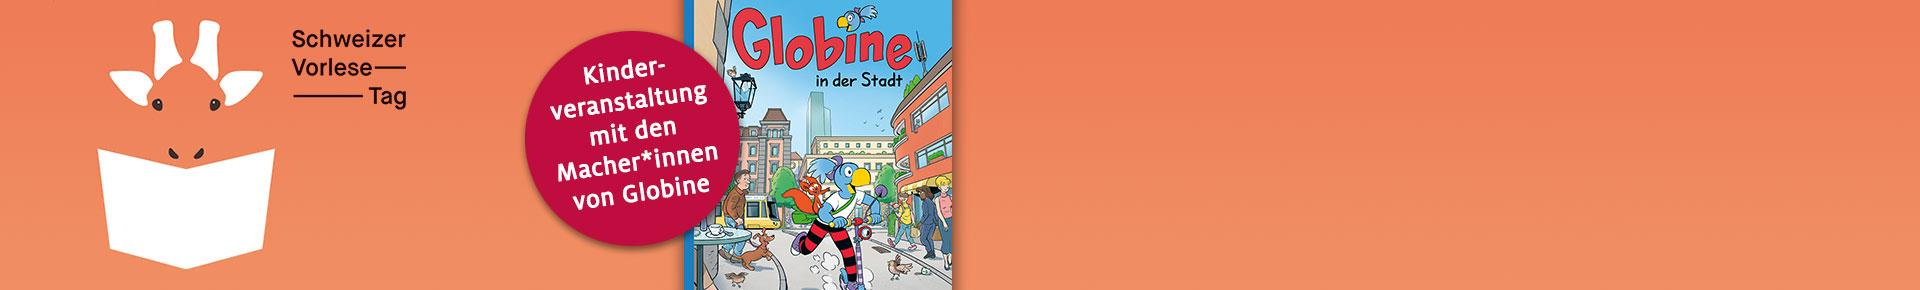 Schweizer-Vorlesetag